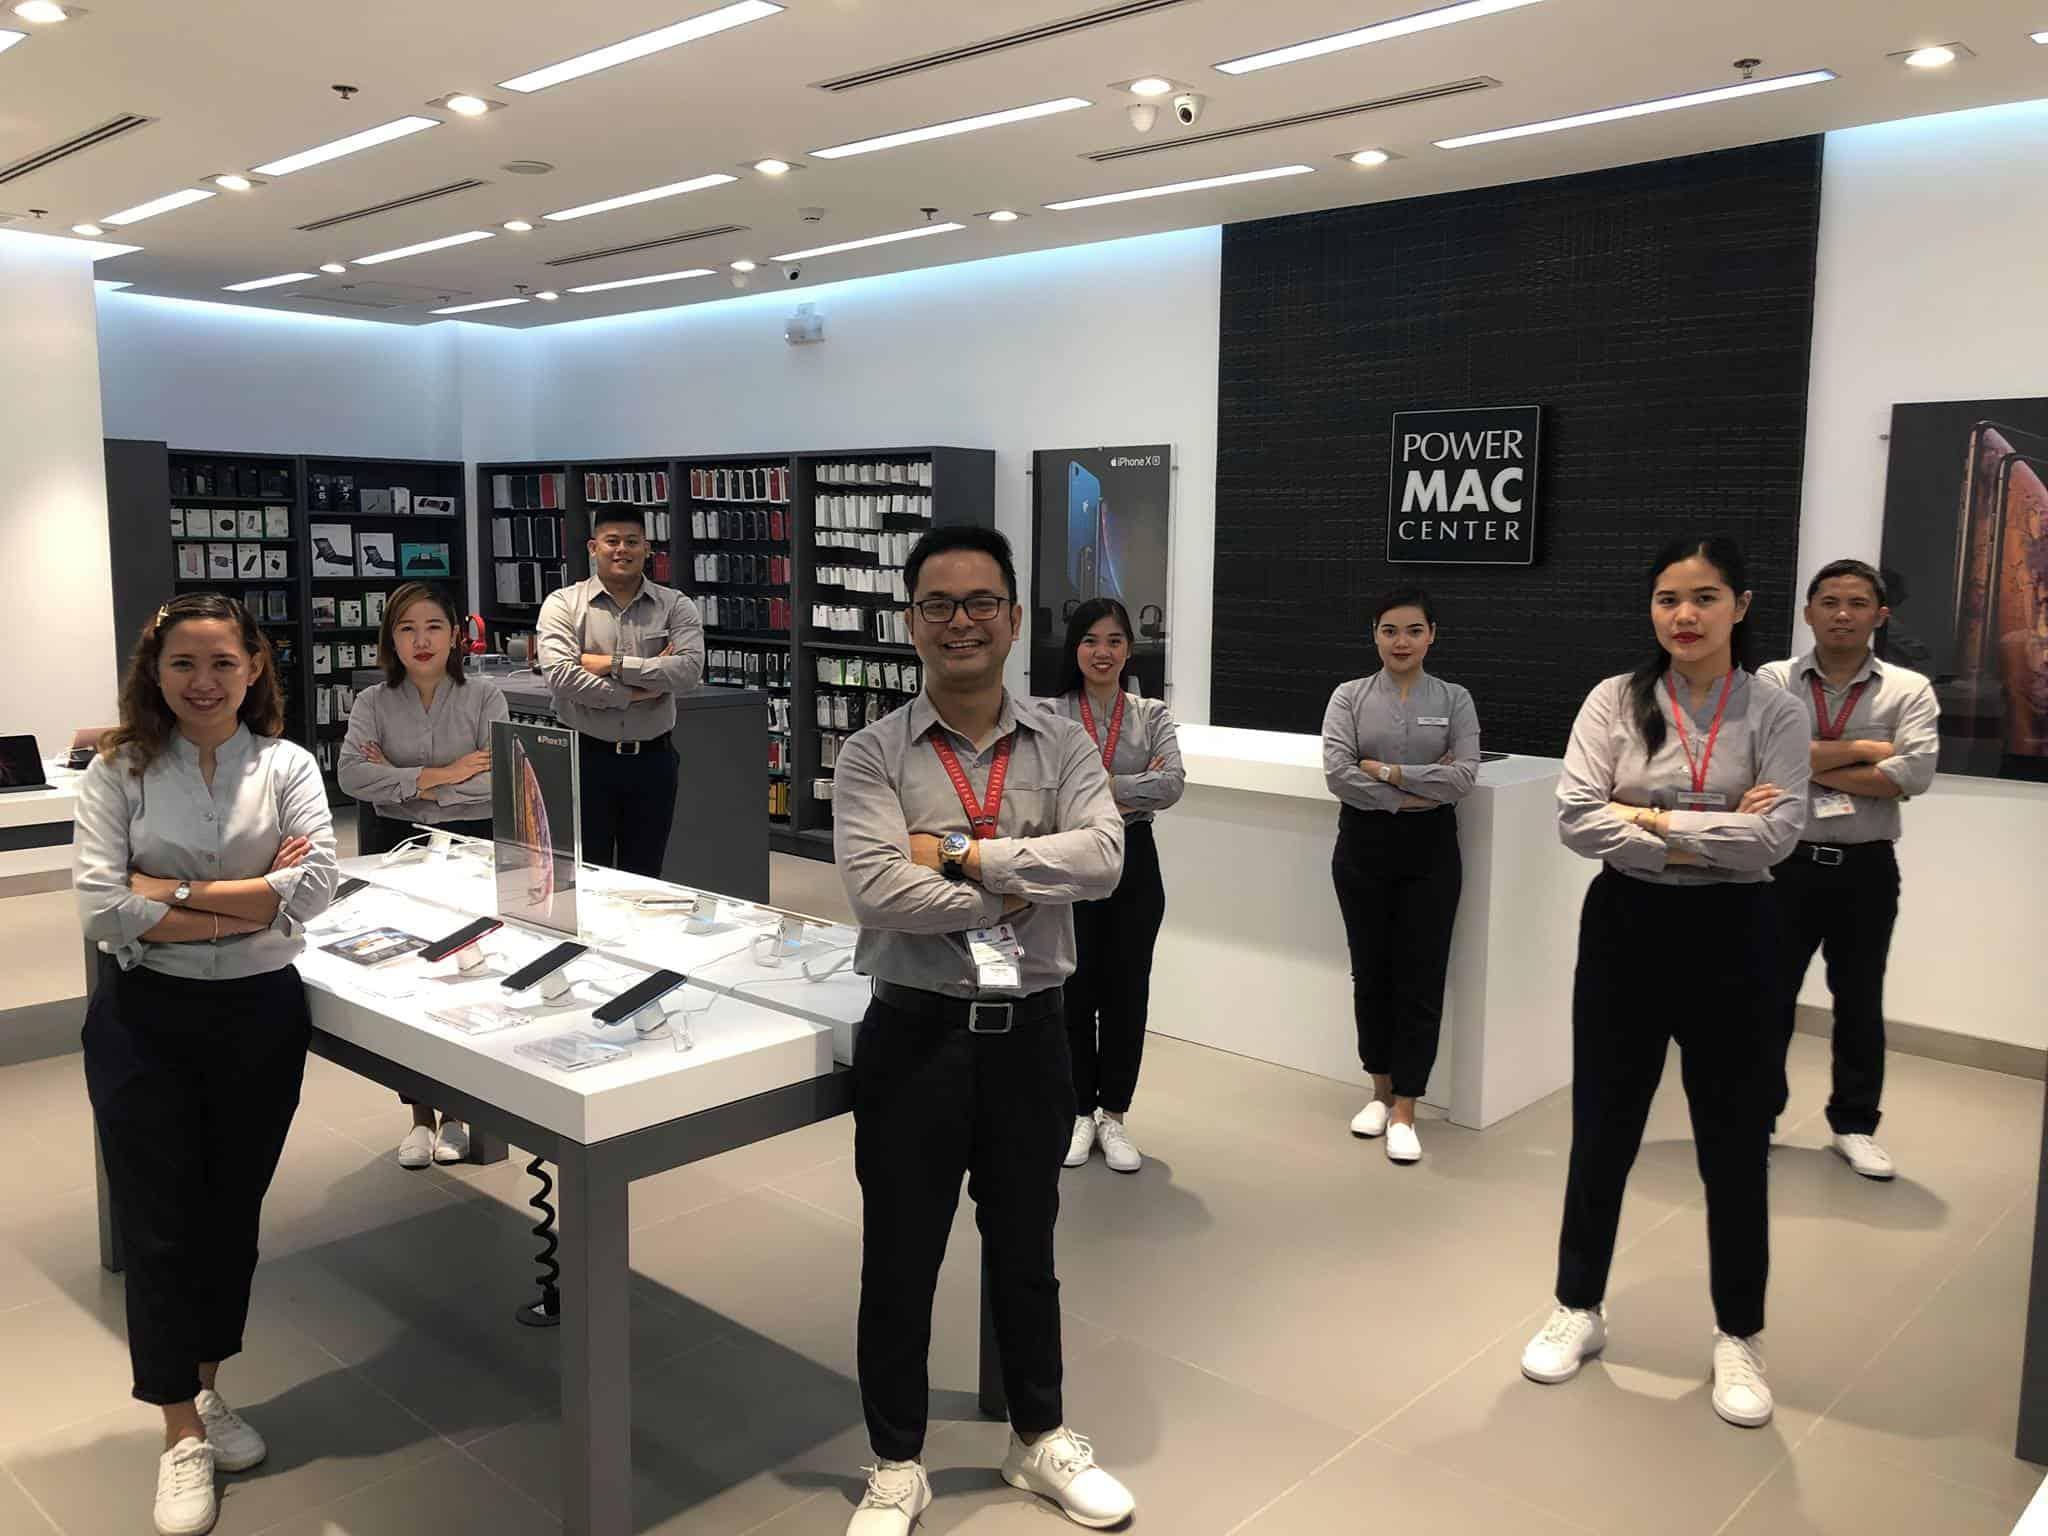 Power Mac Center Talents